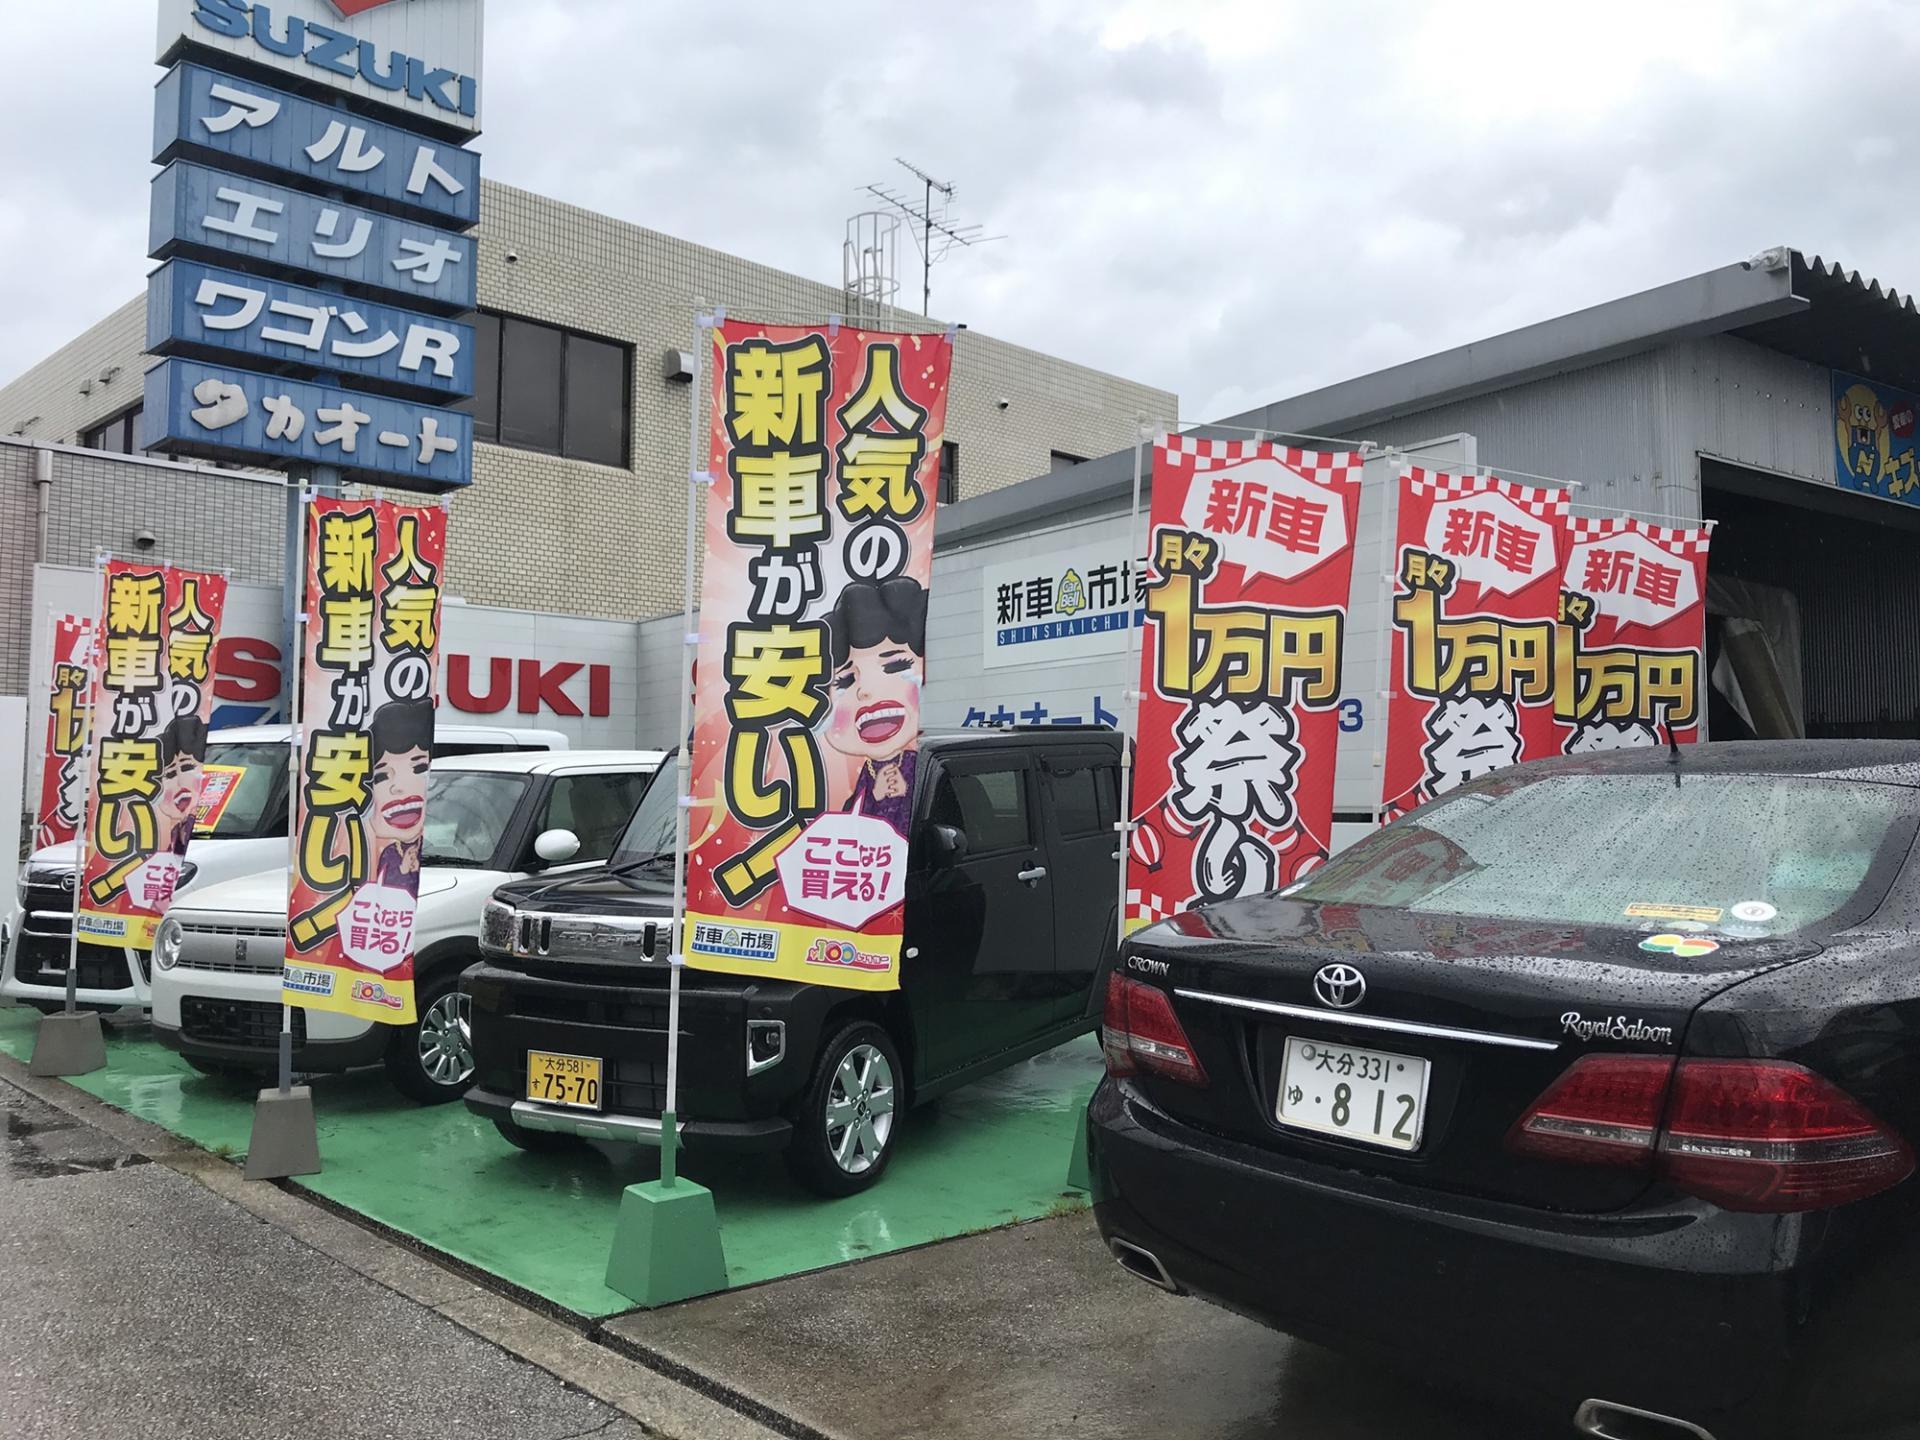 タカオート 新車市場 佐伯女島店